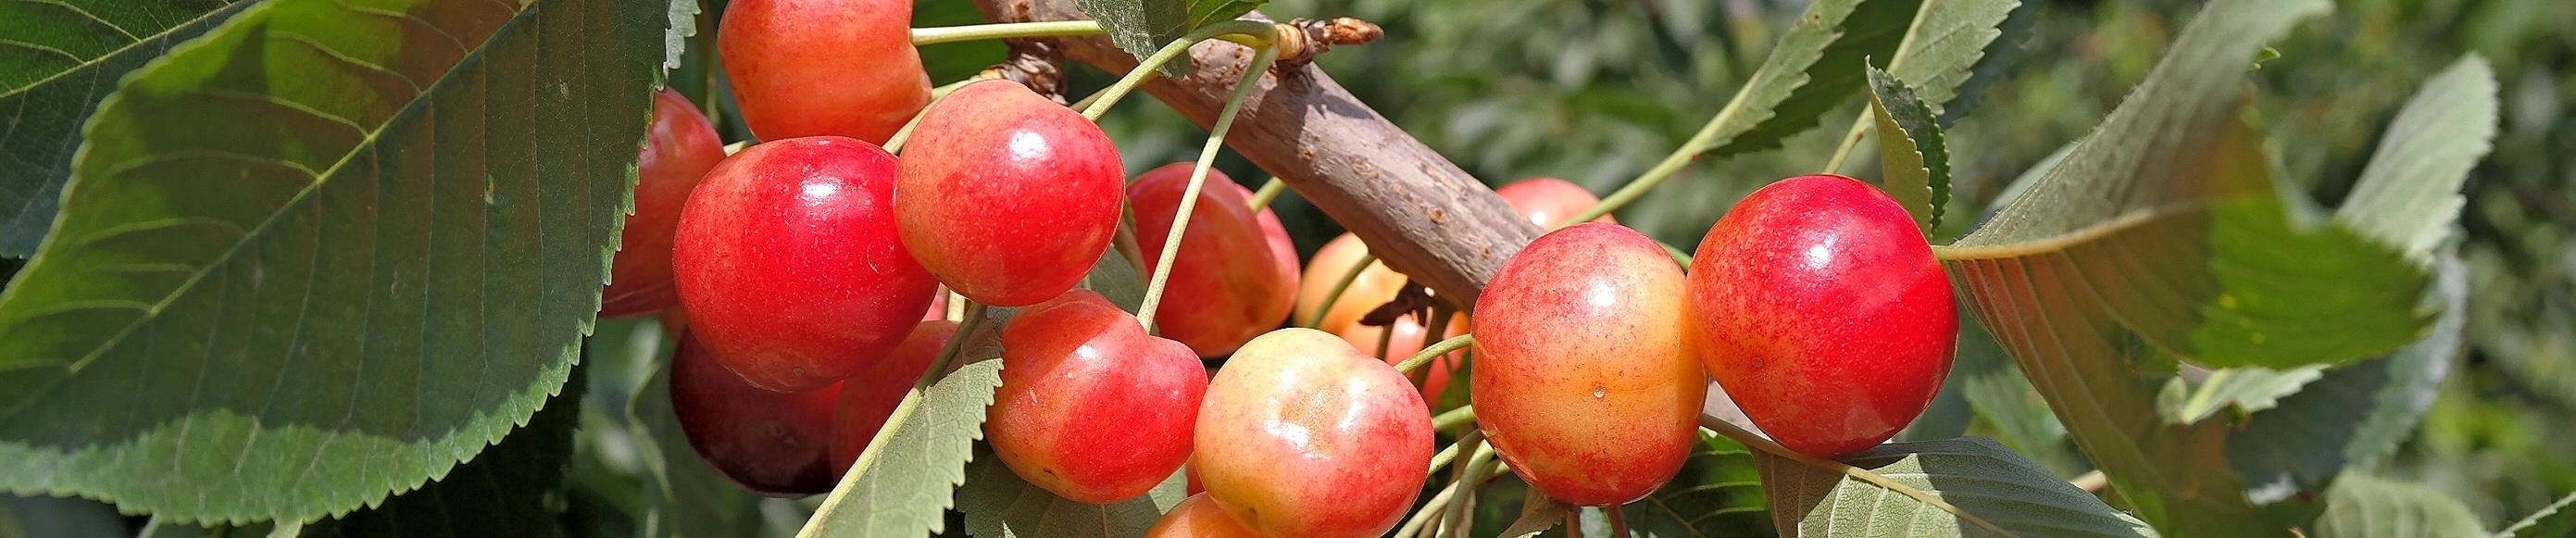 """ממצאי דו""""ח הוועדה המייעצת לתזונה 2015"""